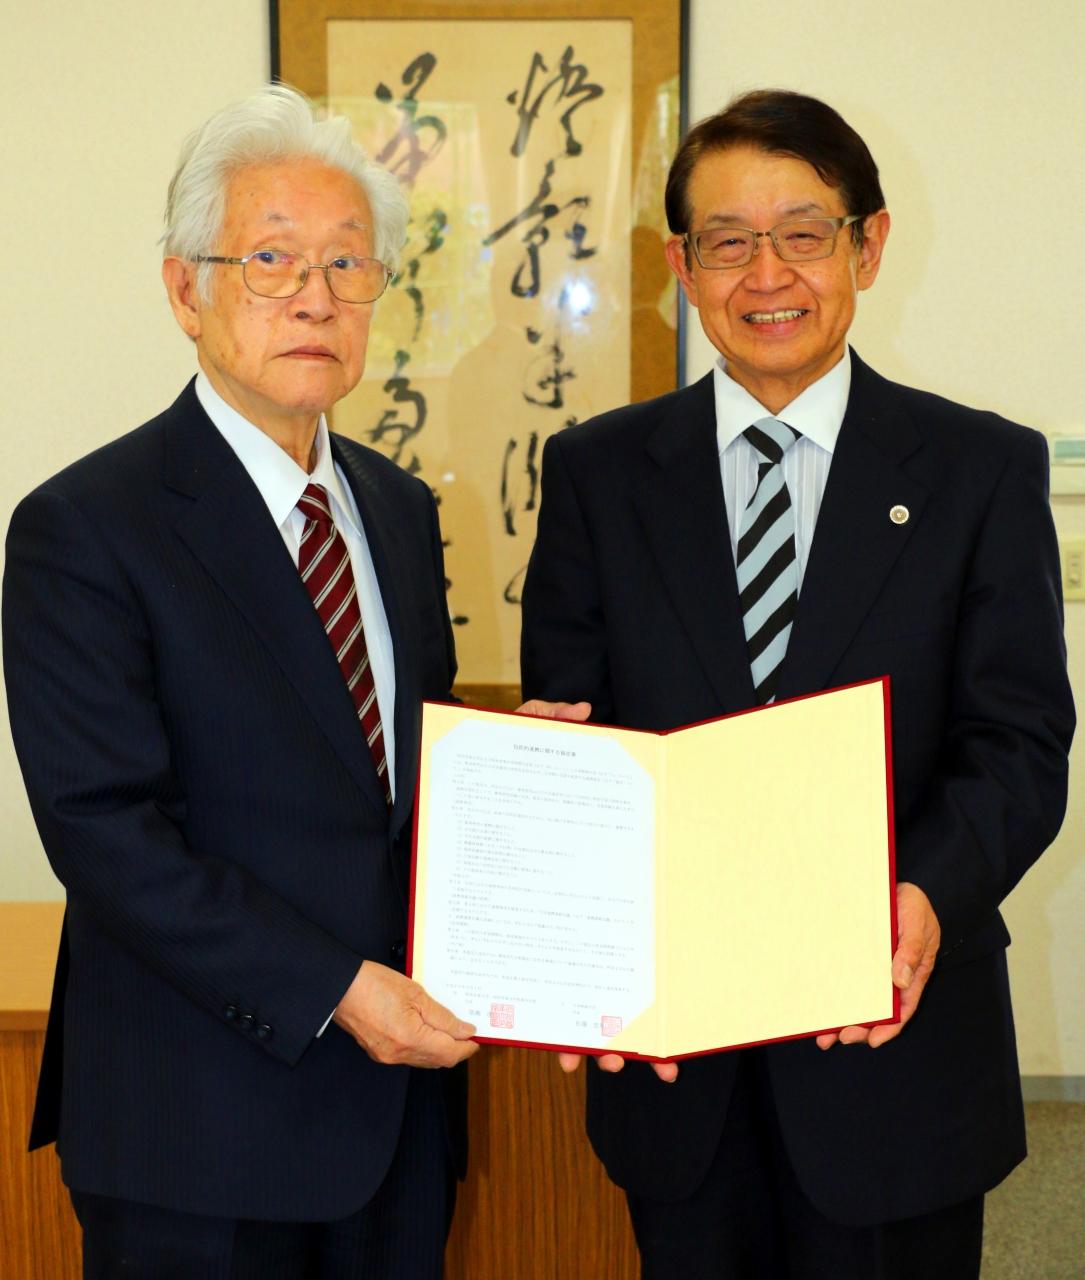 日本映画大学が昭和音楽大学および昭和音楽大学短期大学部と包括的連携に関する協定を締結